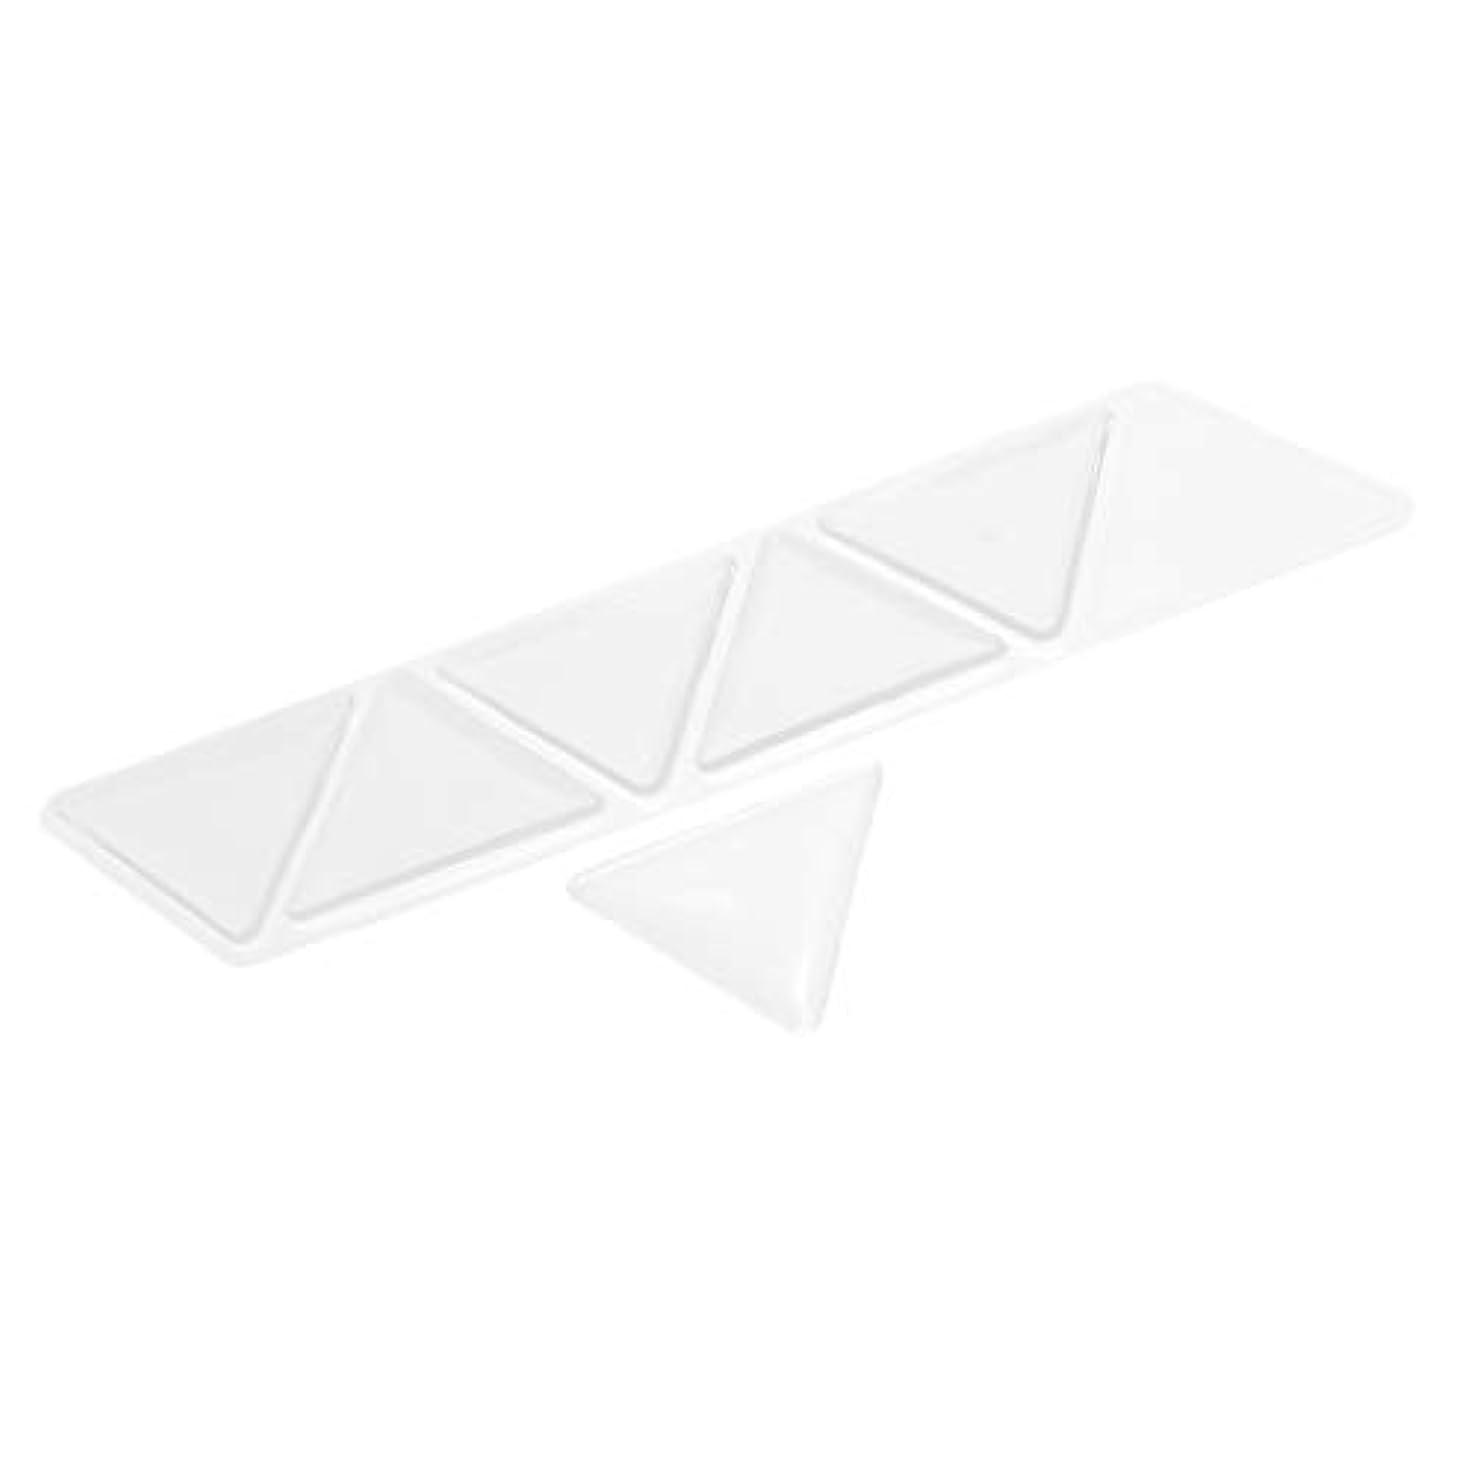 Baoblaze 額パッド スキンケアパッド アンチリンクル シリコン 三角パッド 再使用可能な